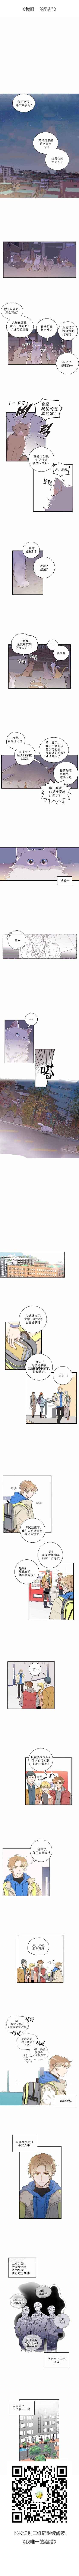 最新耽美漫画《我唯一的猫猫》(全本在线阅读)&百度云全集 韩漫免费第一话,好看就加豆